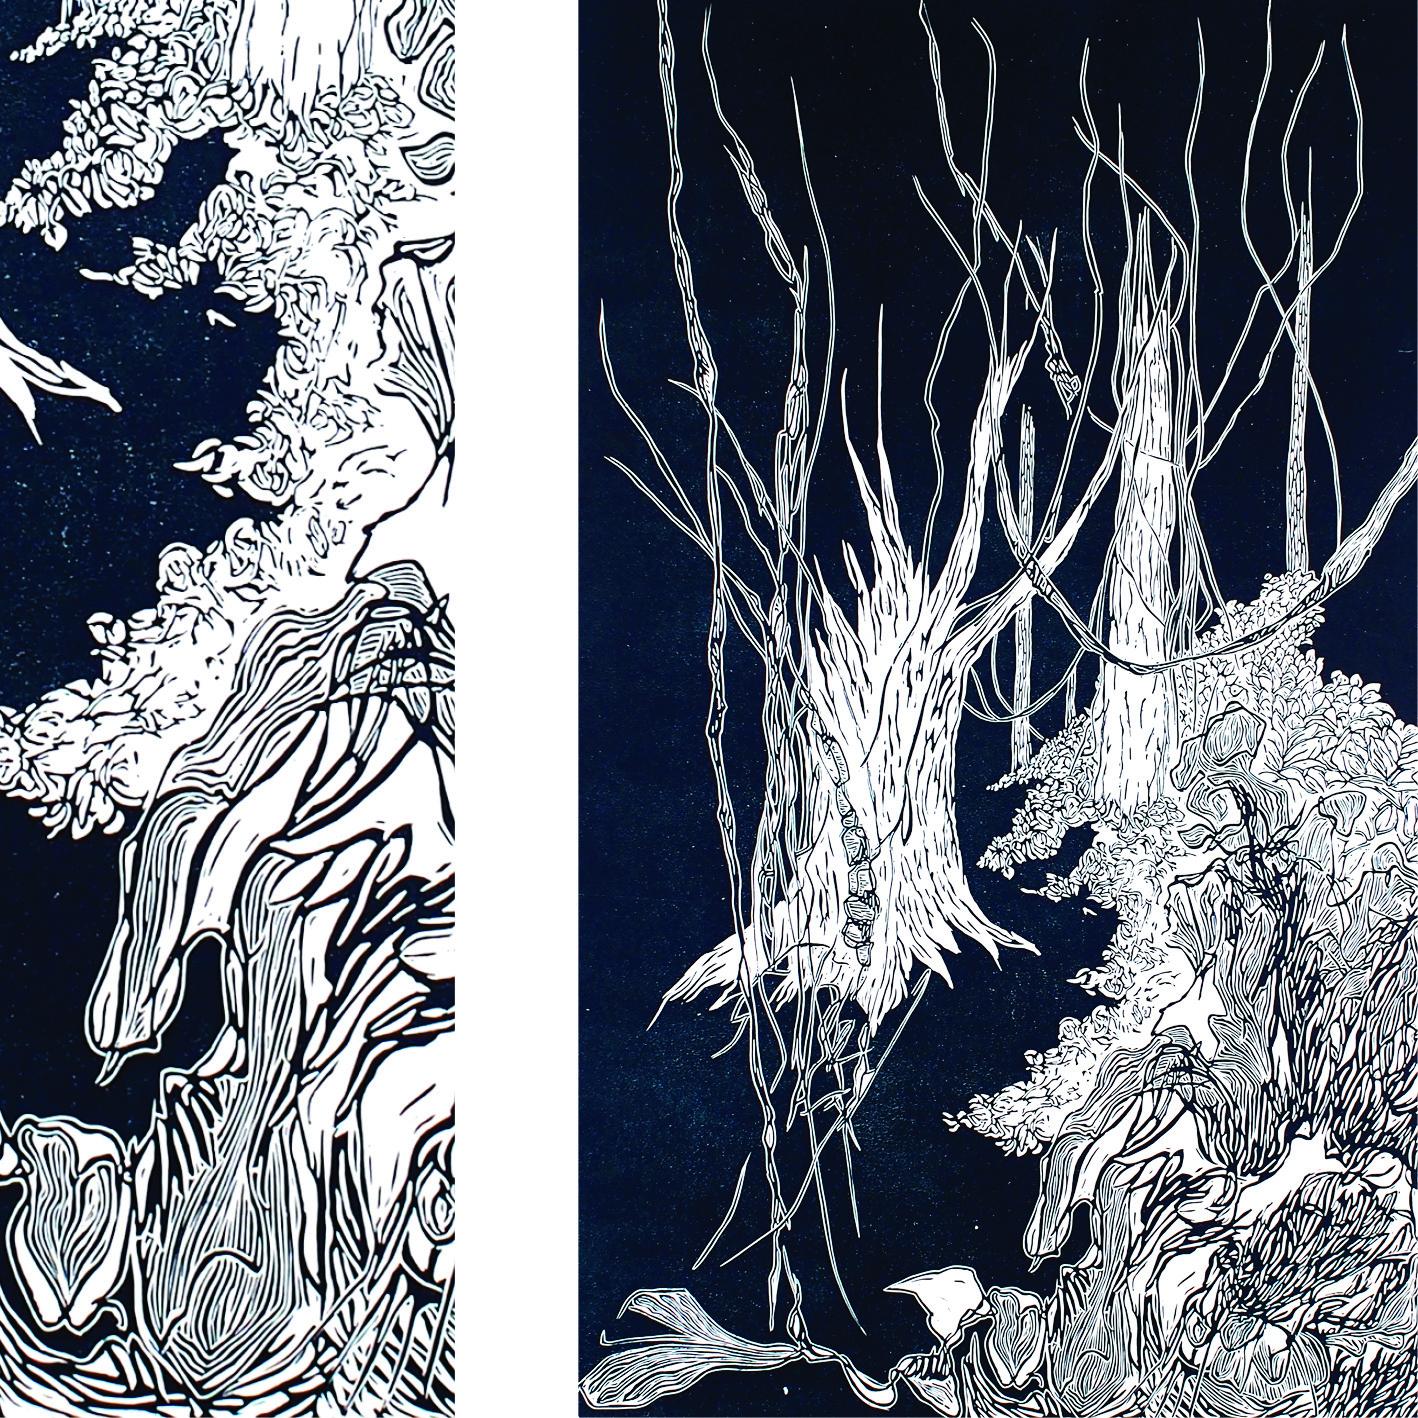 2 vues d'une linogravure bleue, composition libre à partir de croquis botaniquesréalisés aux grandes serres du jardin des plantes